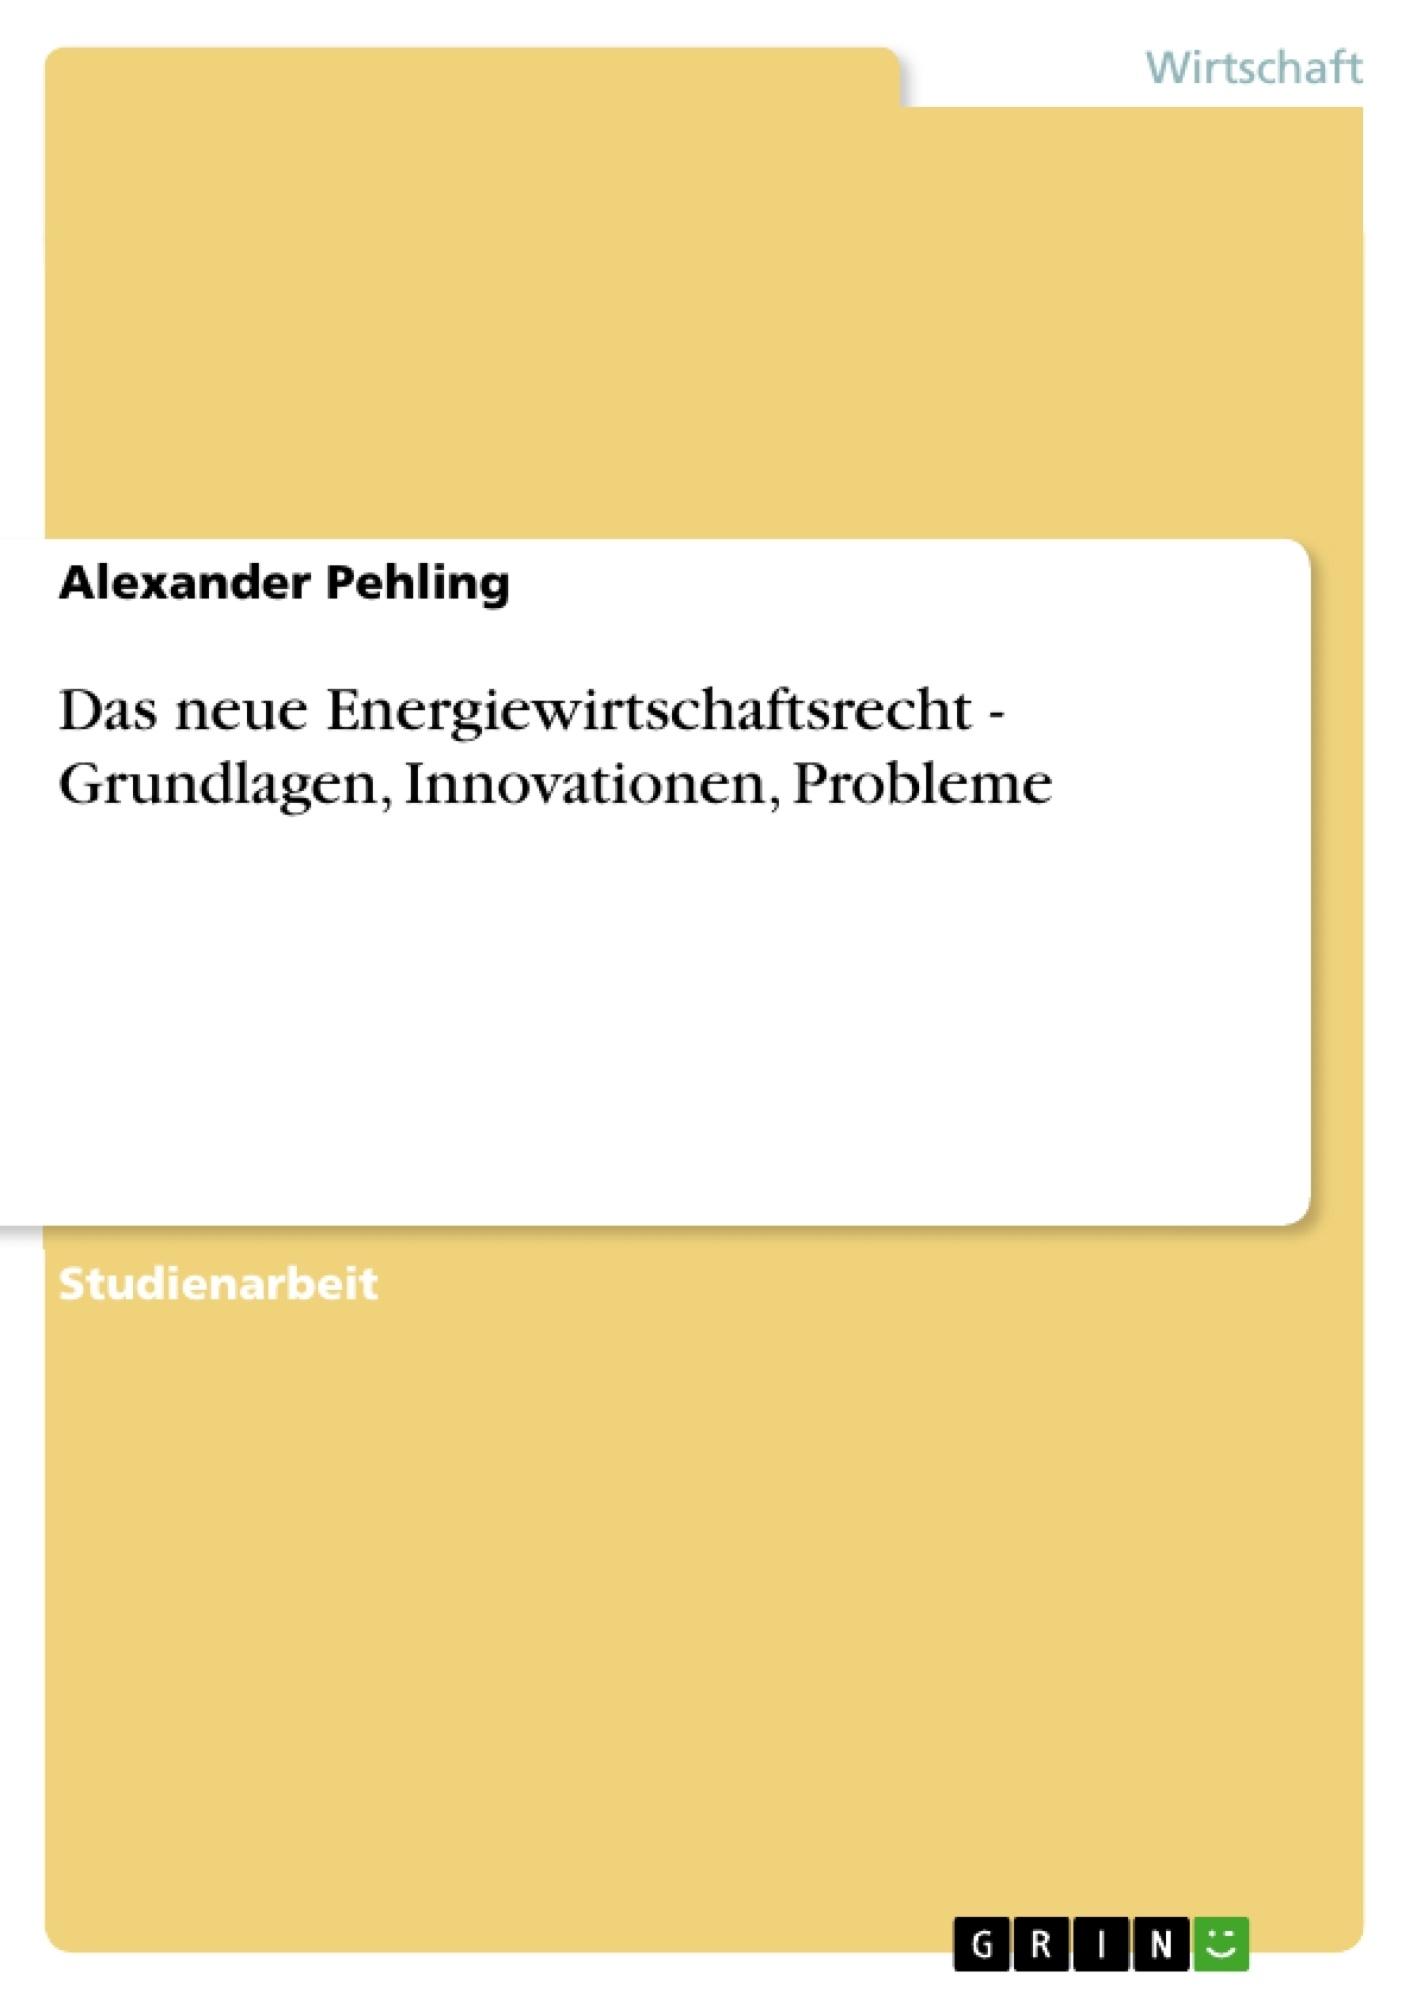 Titel: Das neue Energiewirtschaftsrecht - Grundlagen, Innovationen, Probleme